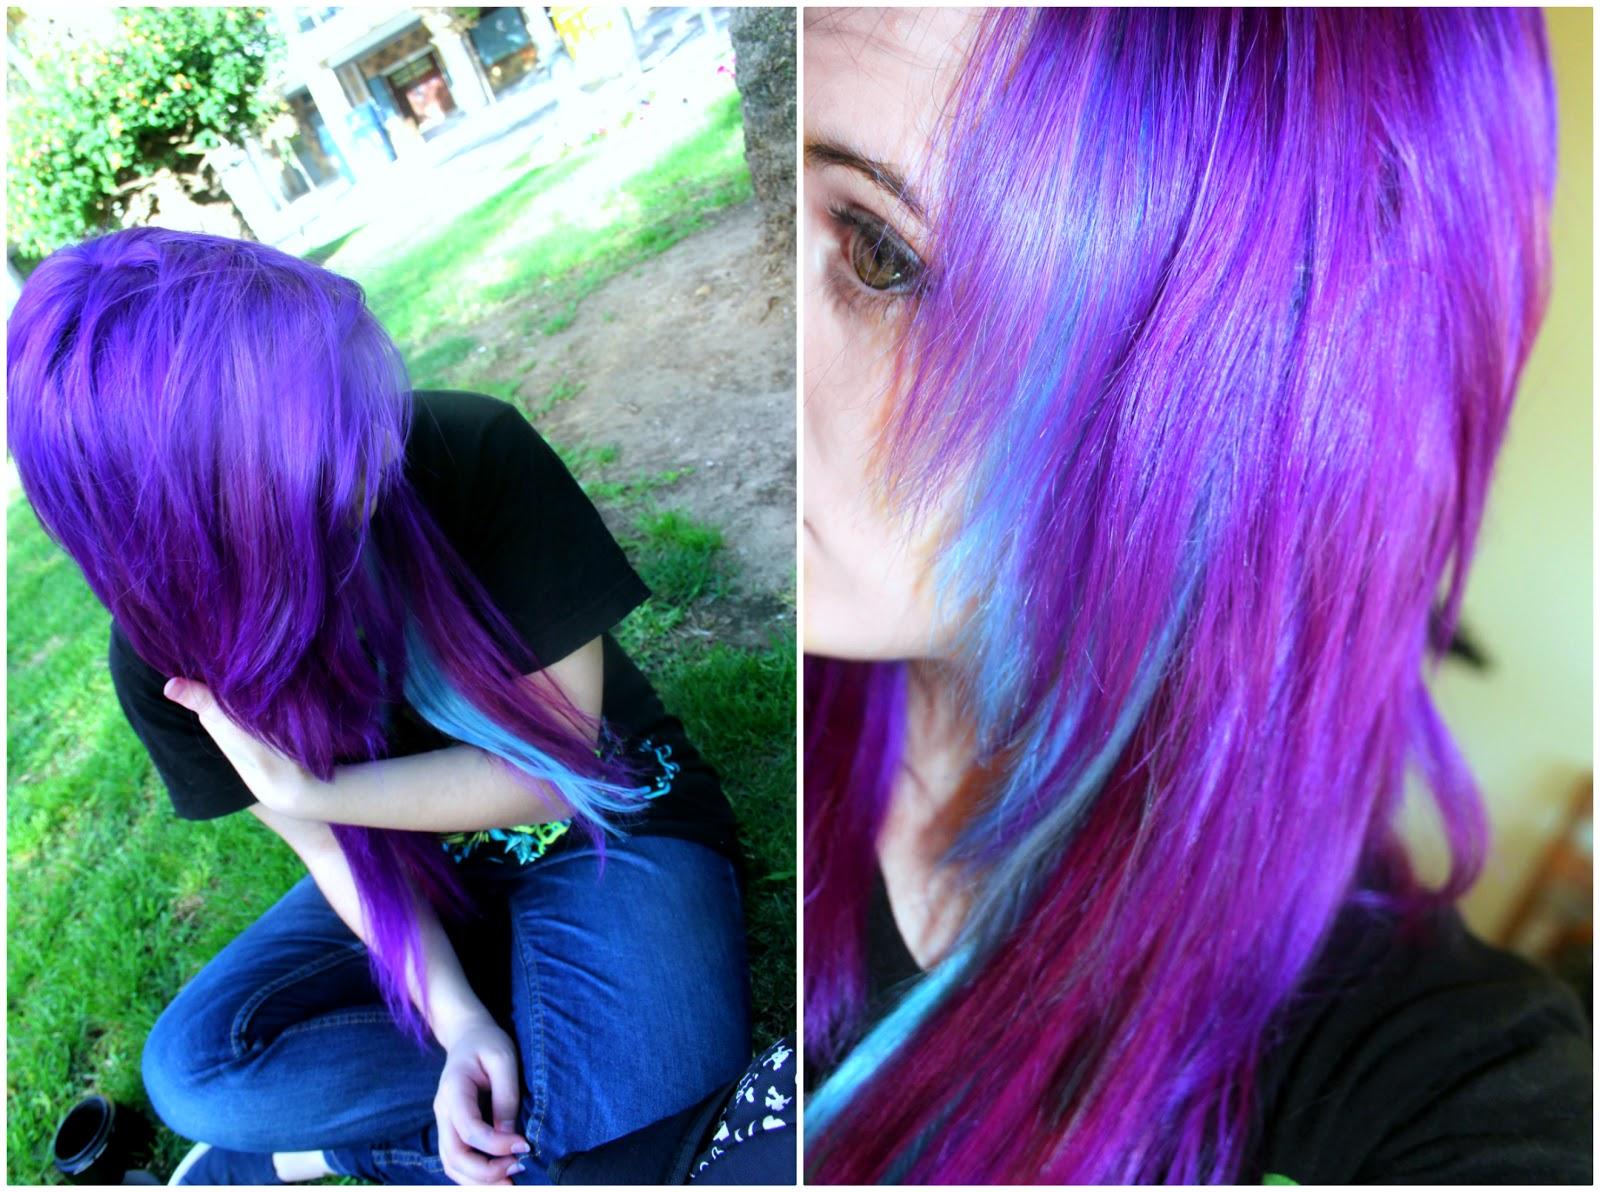 Morpha Is Cute Purple Haze Hair Dye From Manic Panic